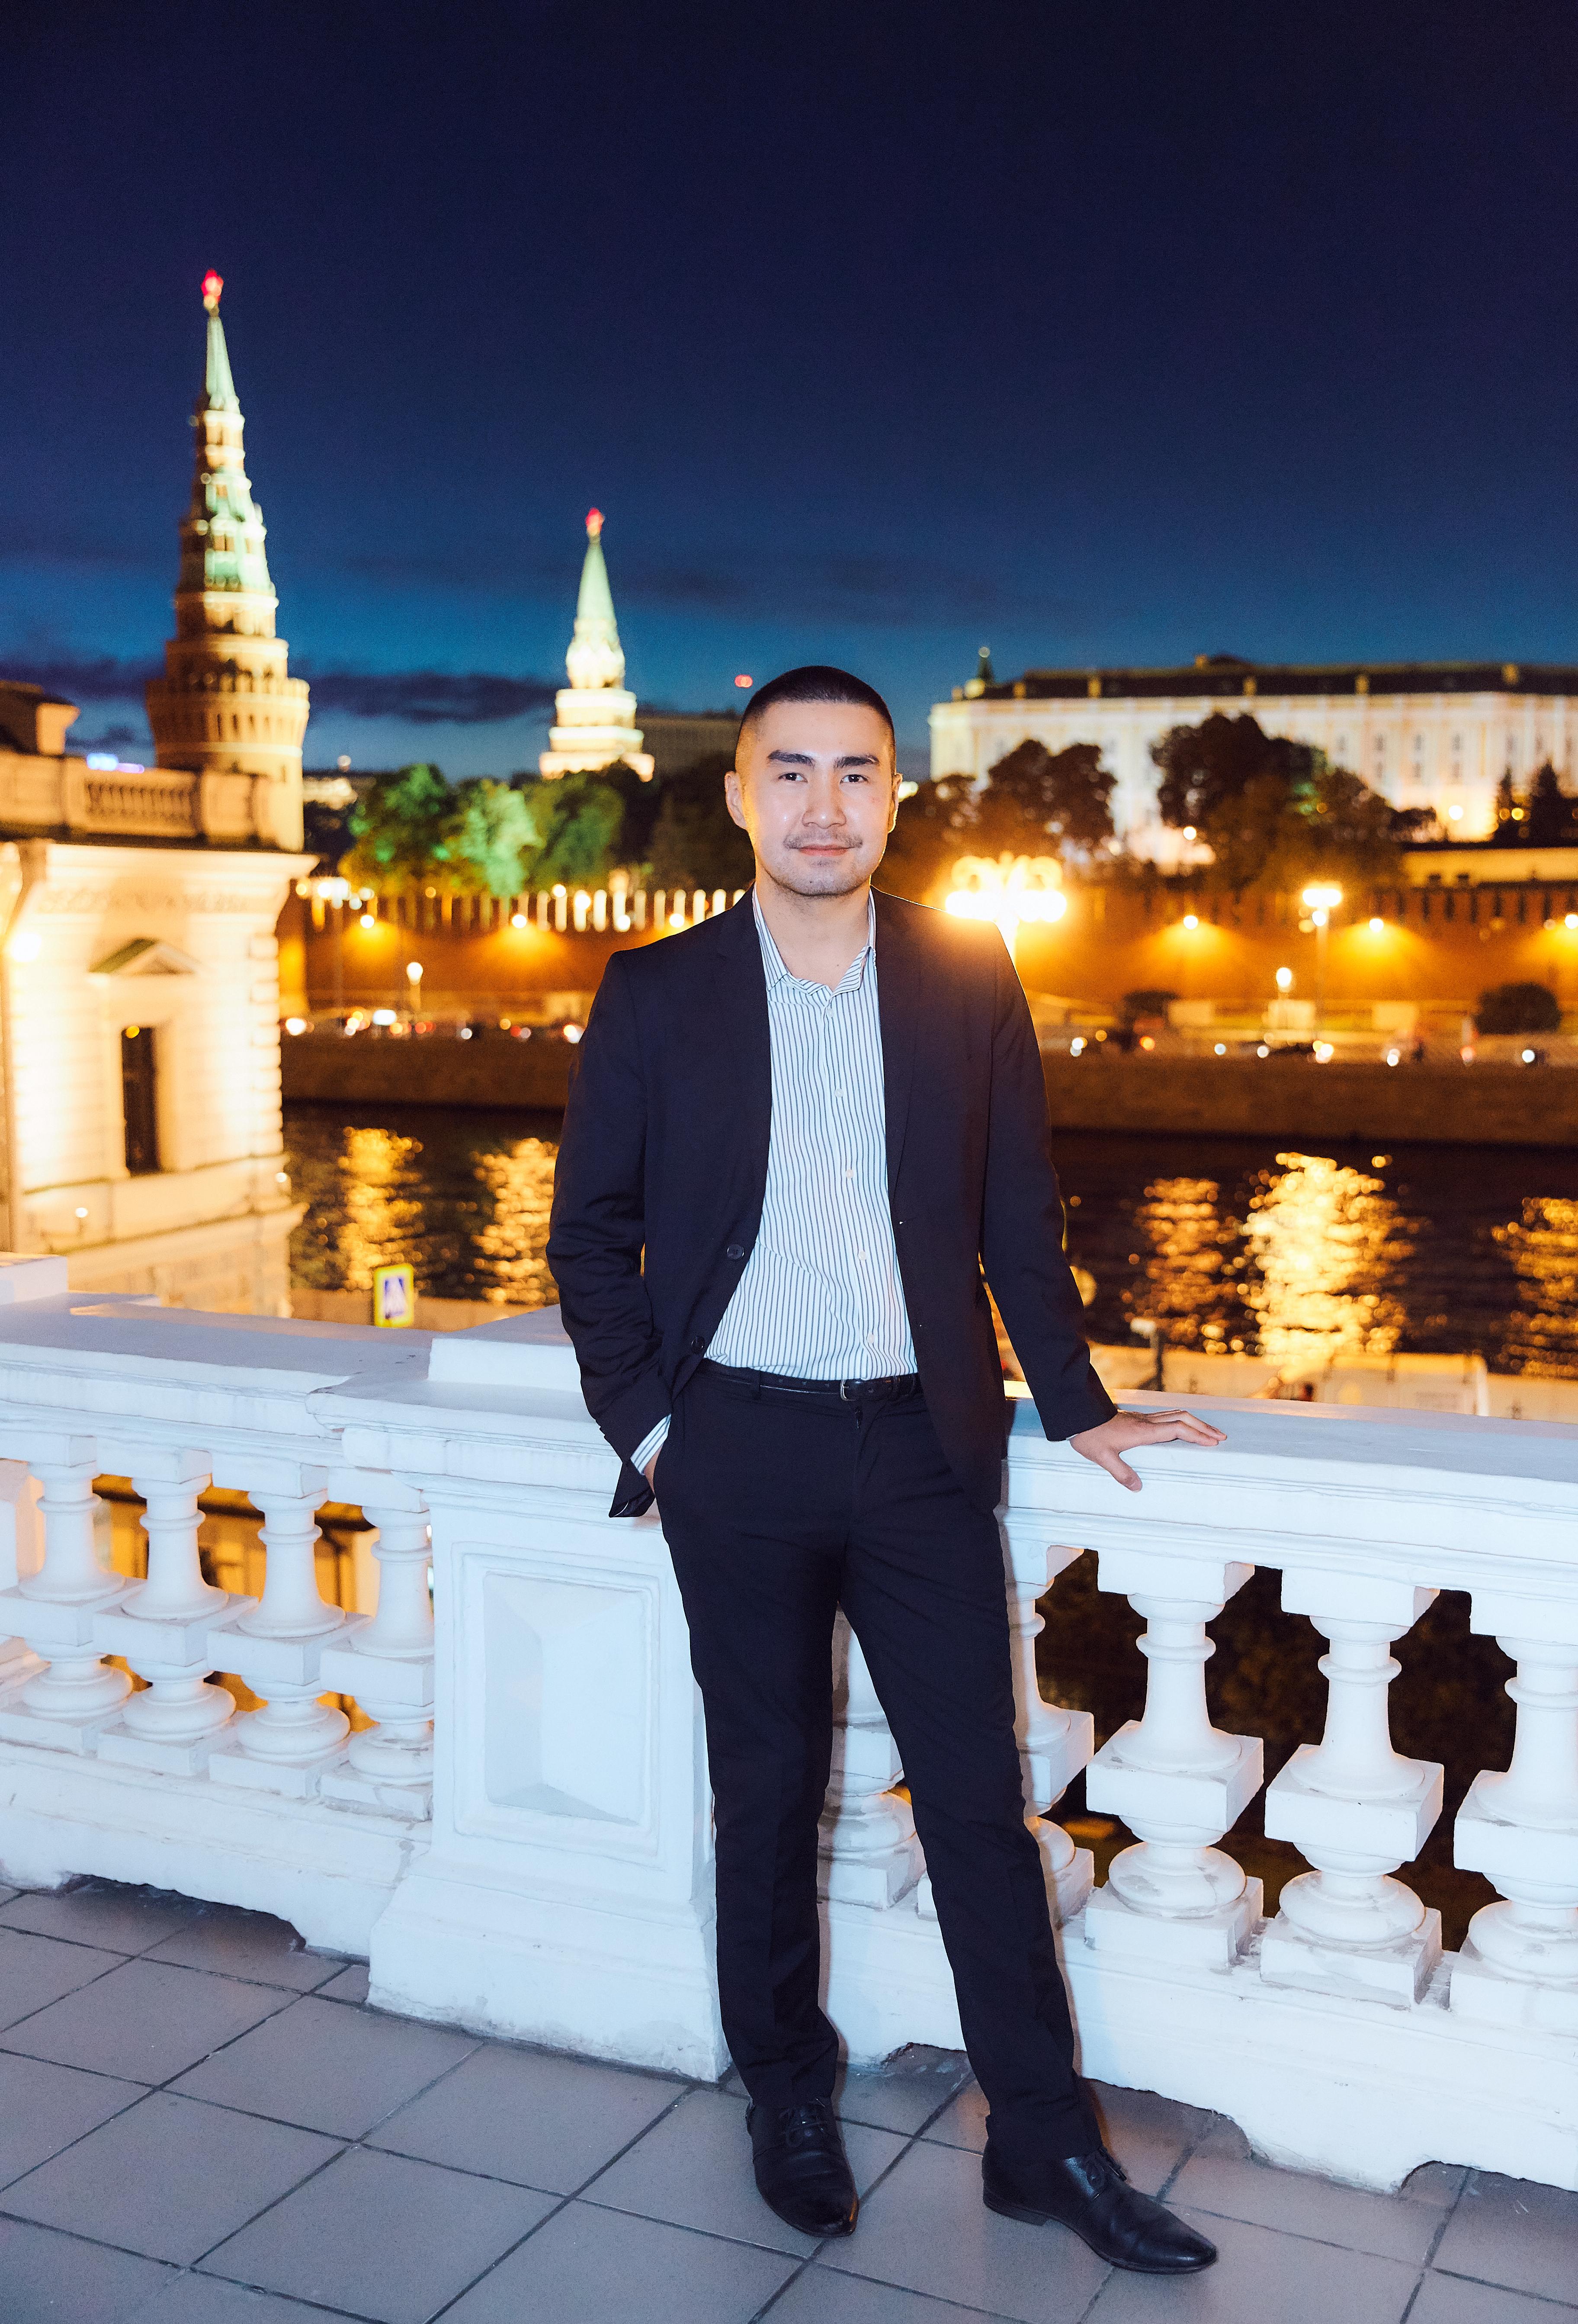 Bair Kholkhonoev